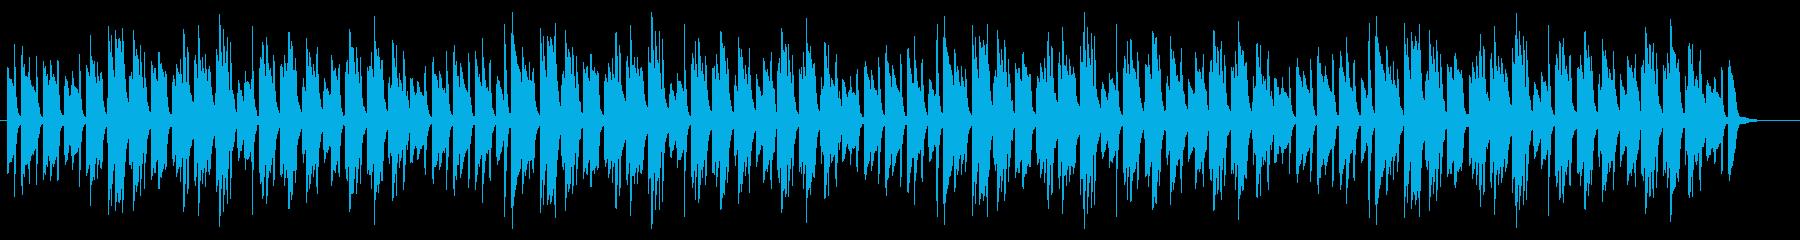 優しい明るい日常 ほのぼの 3拍子ピアノの再生済みの波形